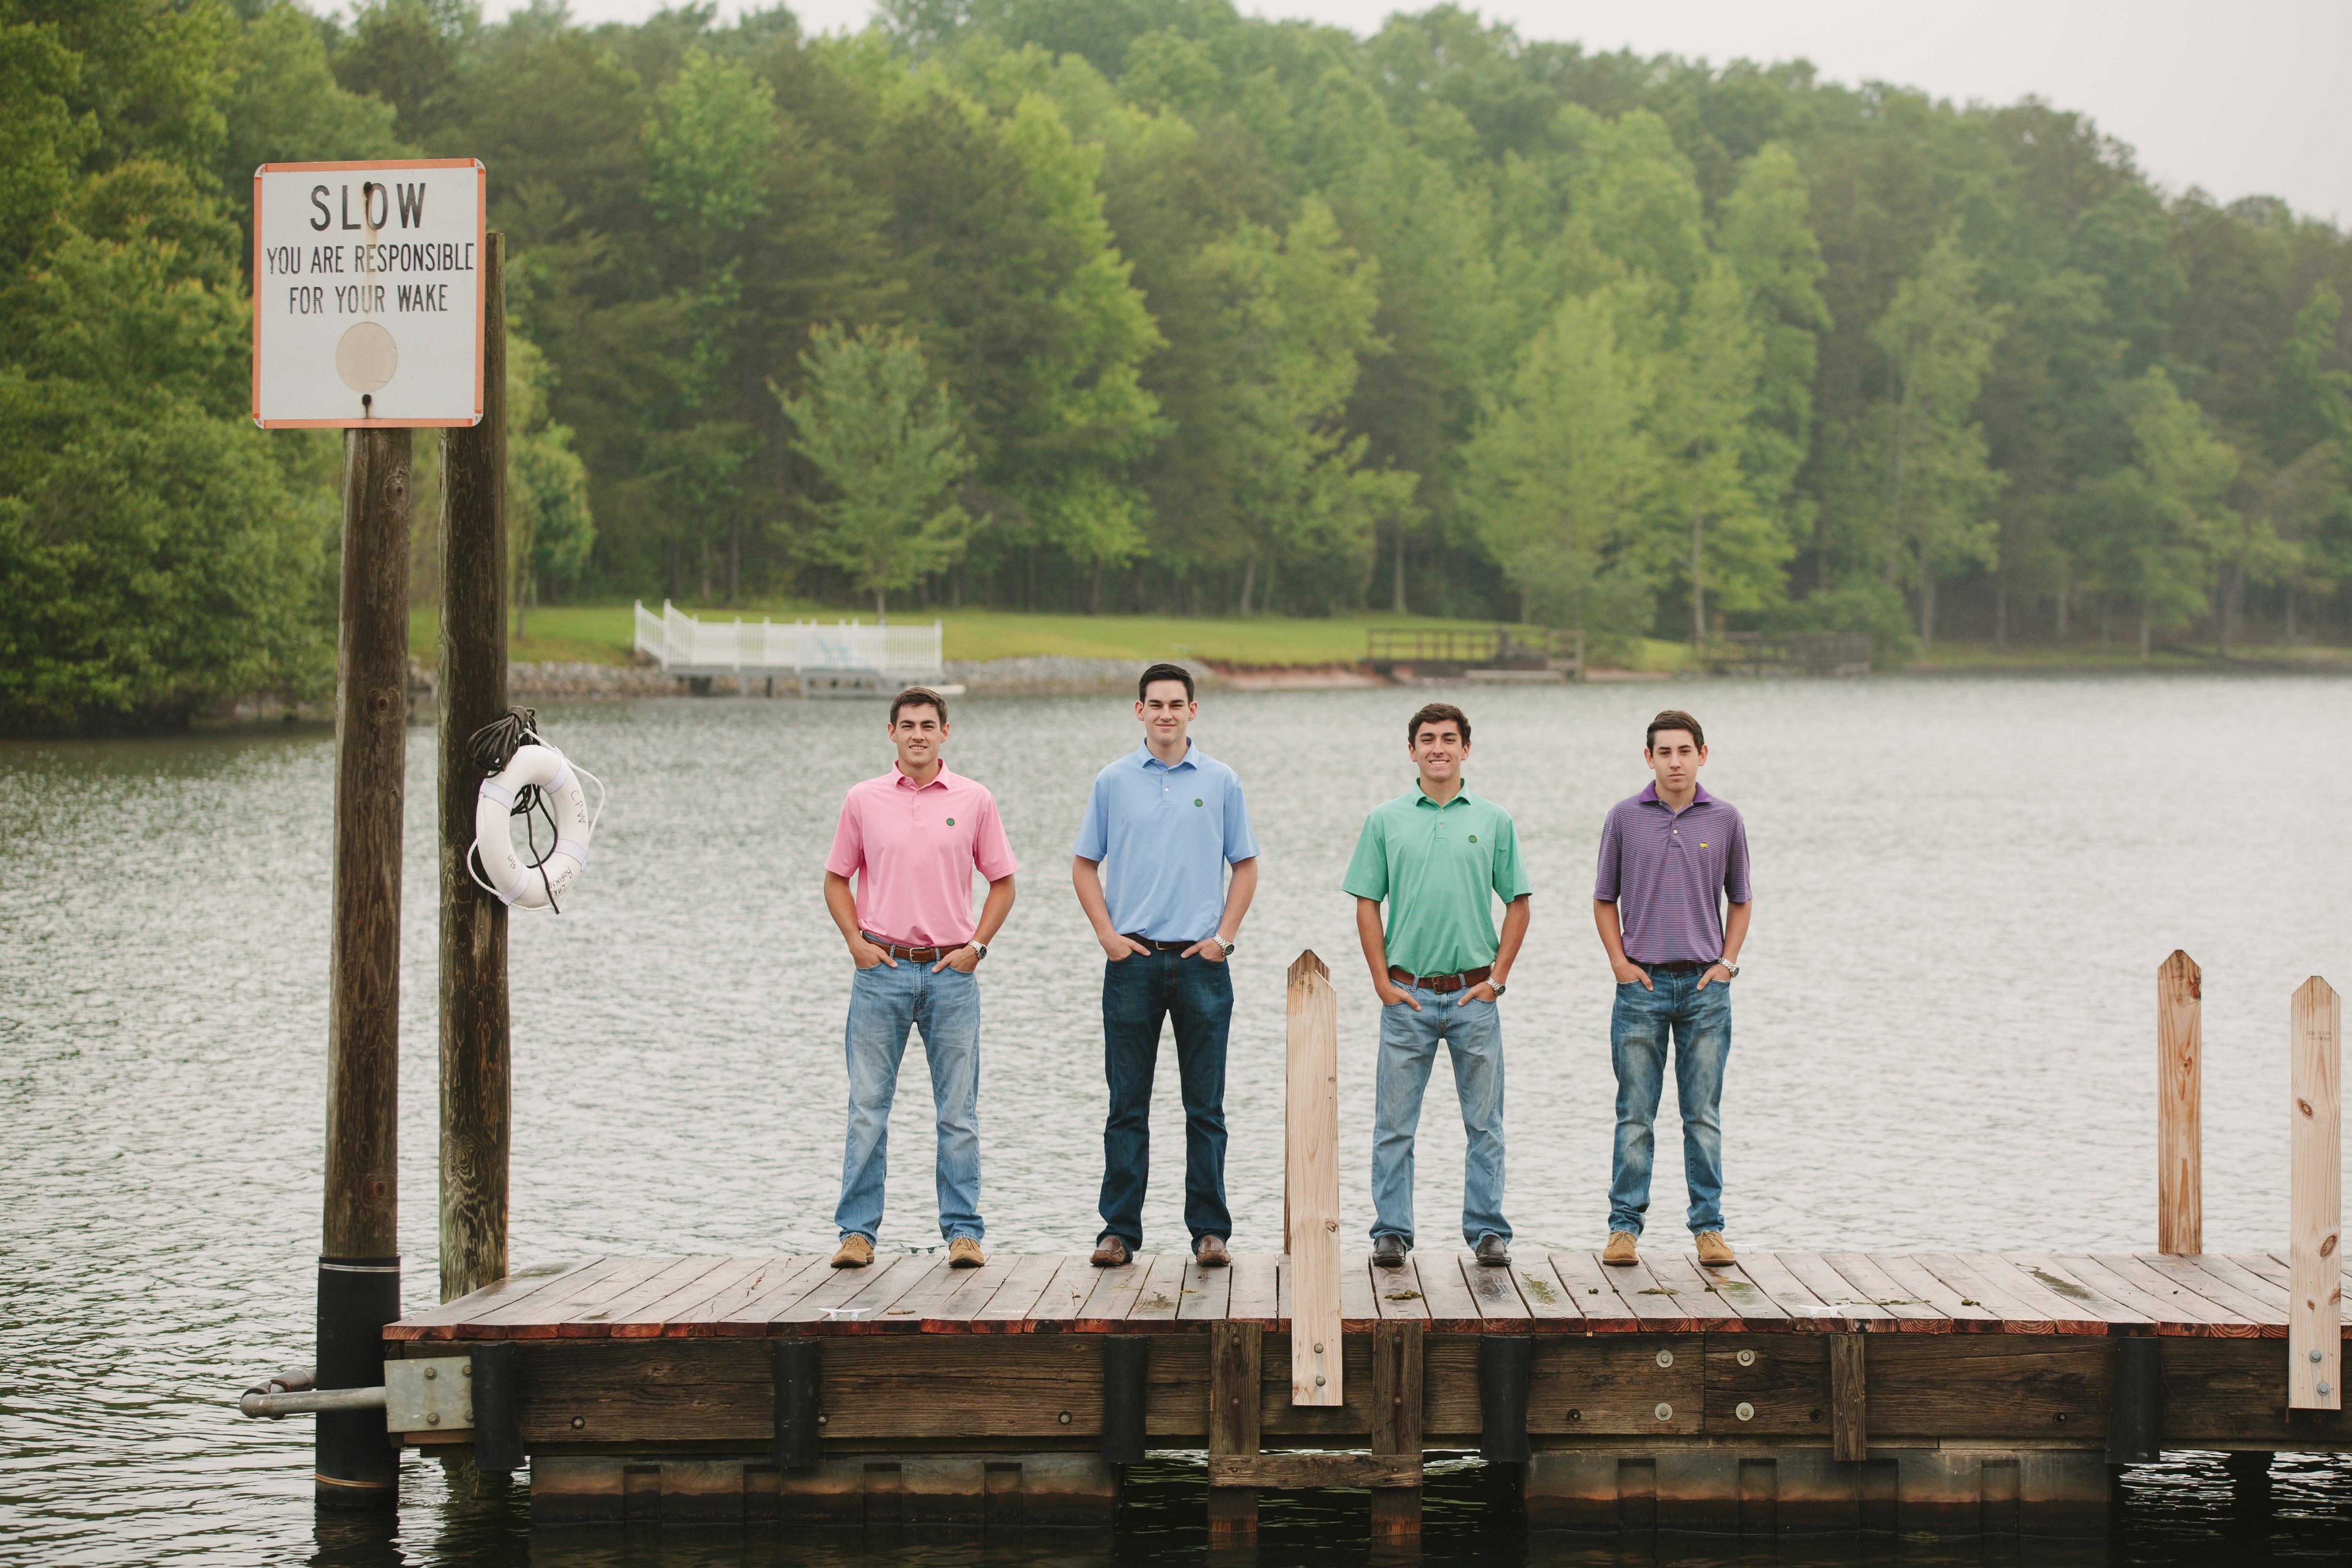 boys on a pier